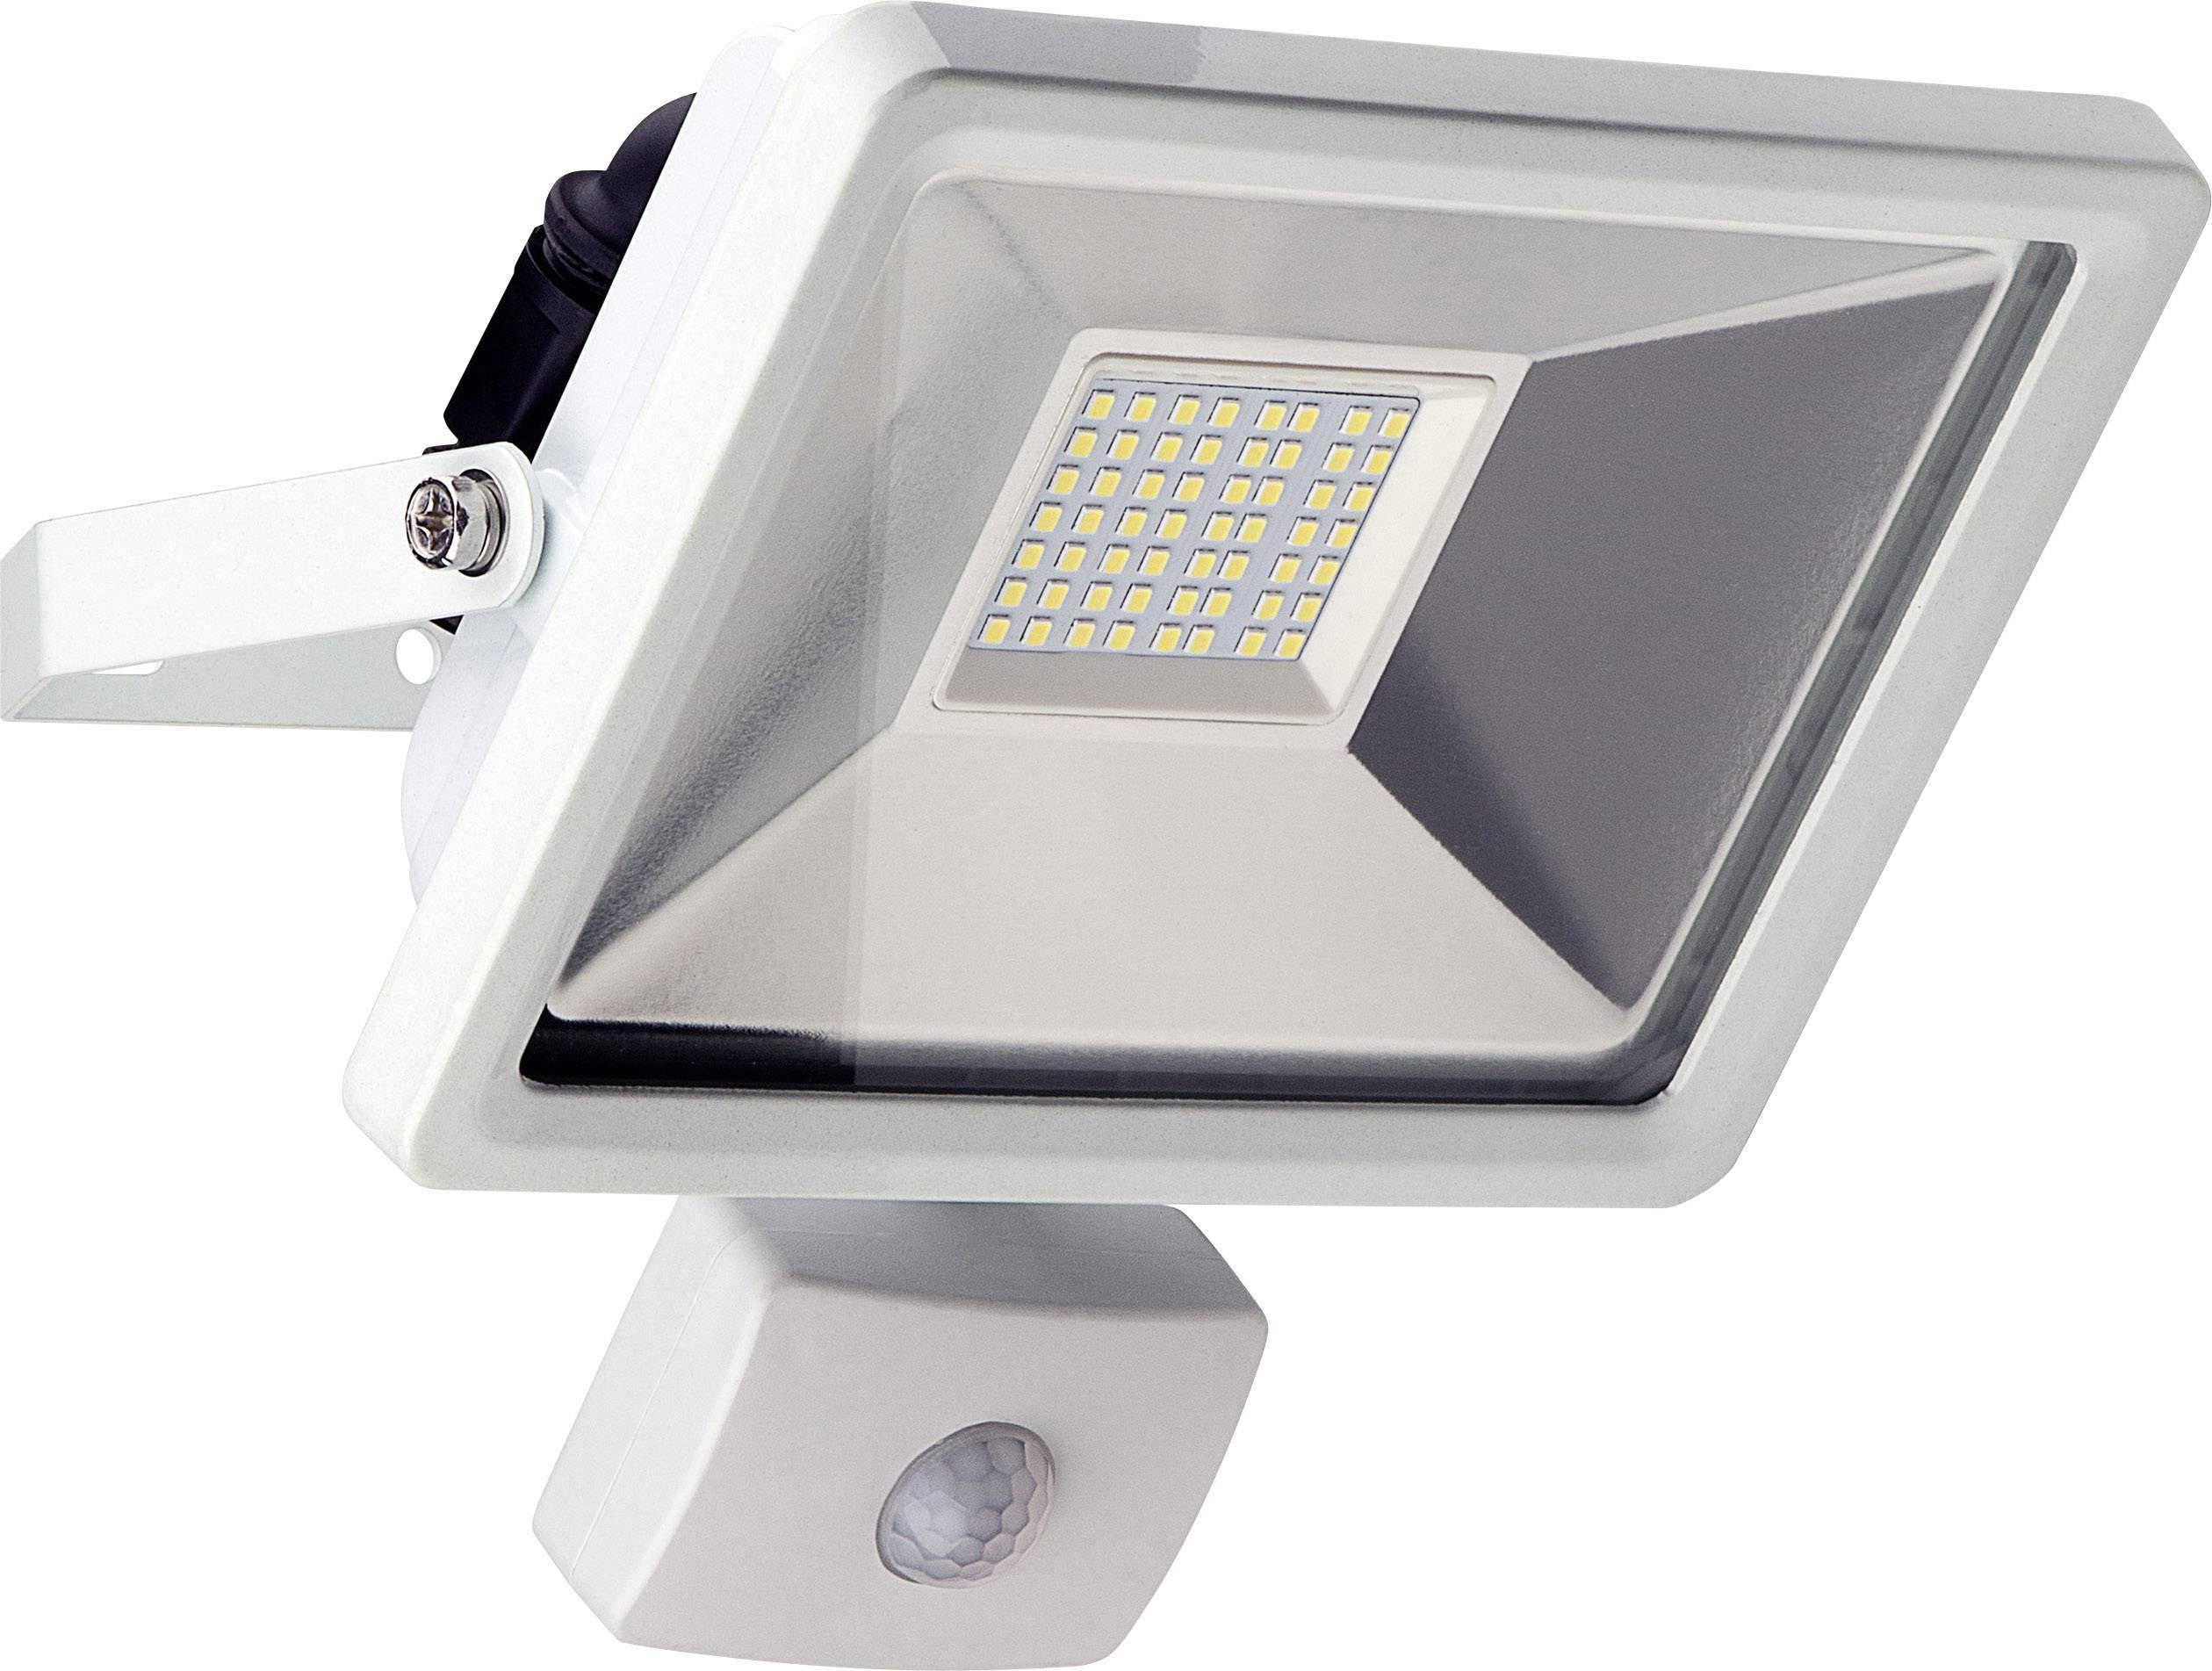 Plafoniere Con Sensore : Plafoniere da esterno con sensore di movimento auron faretto led